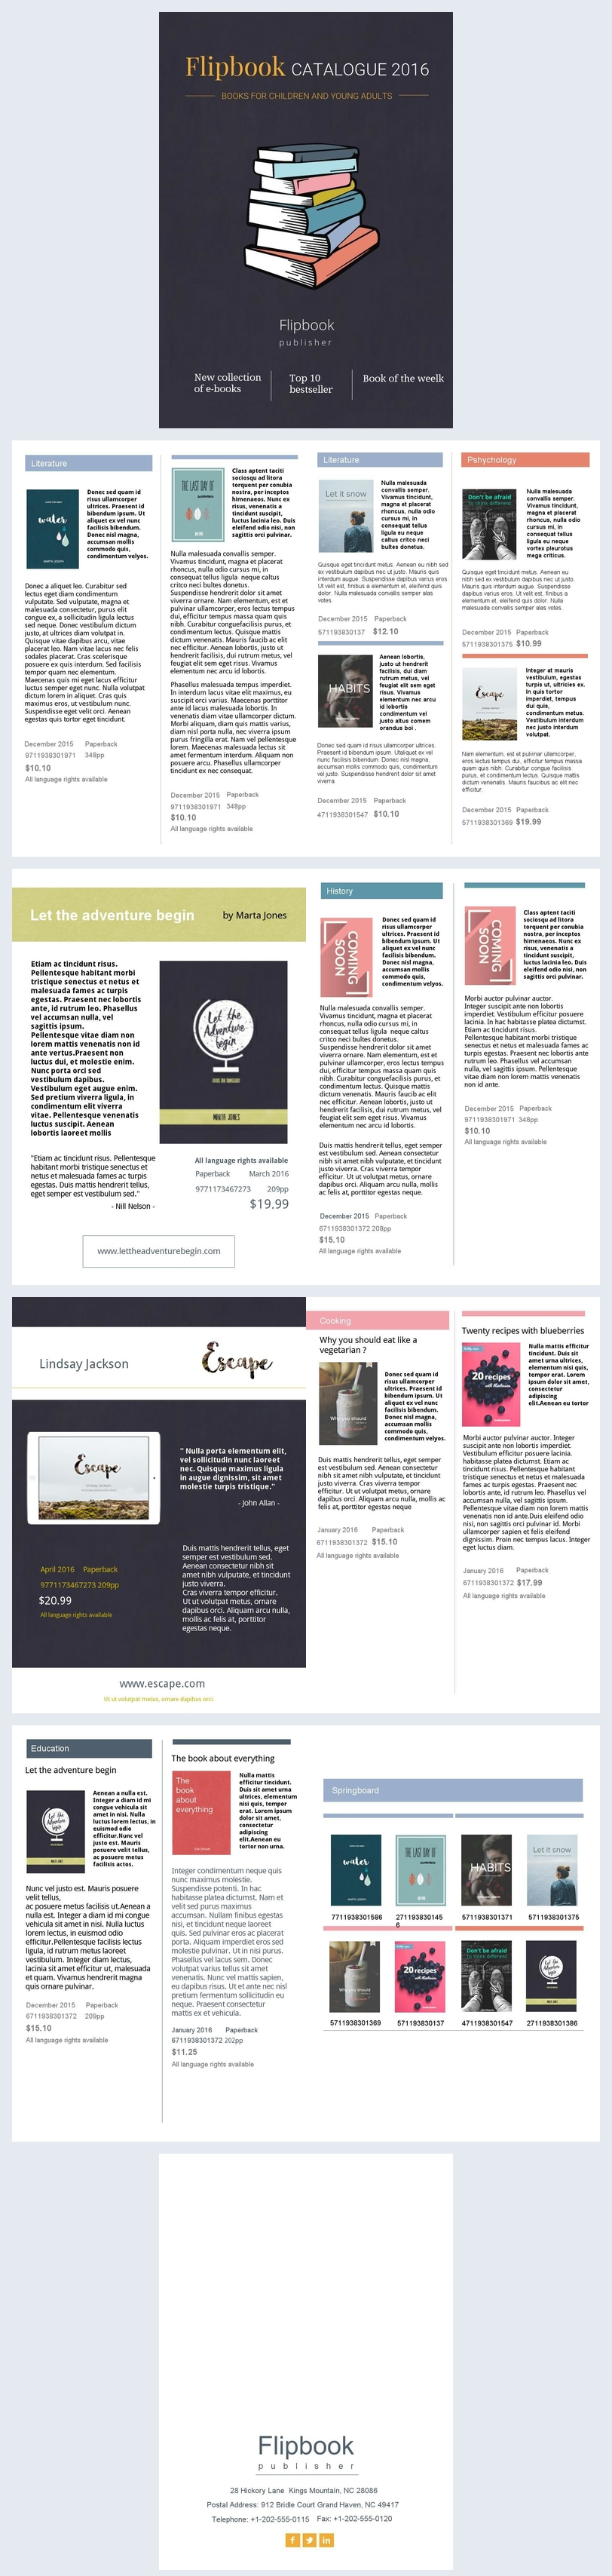 Diseño retro para catálogo de libros